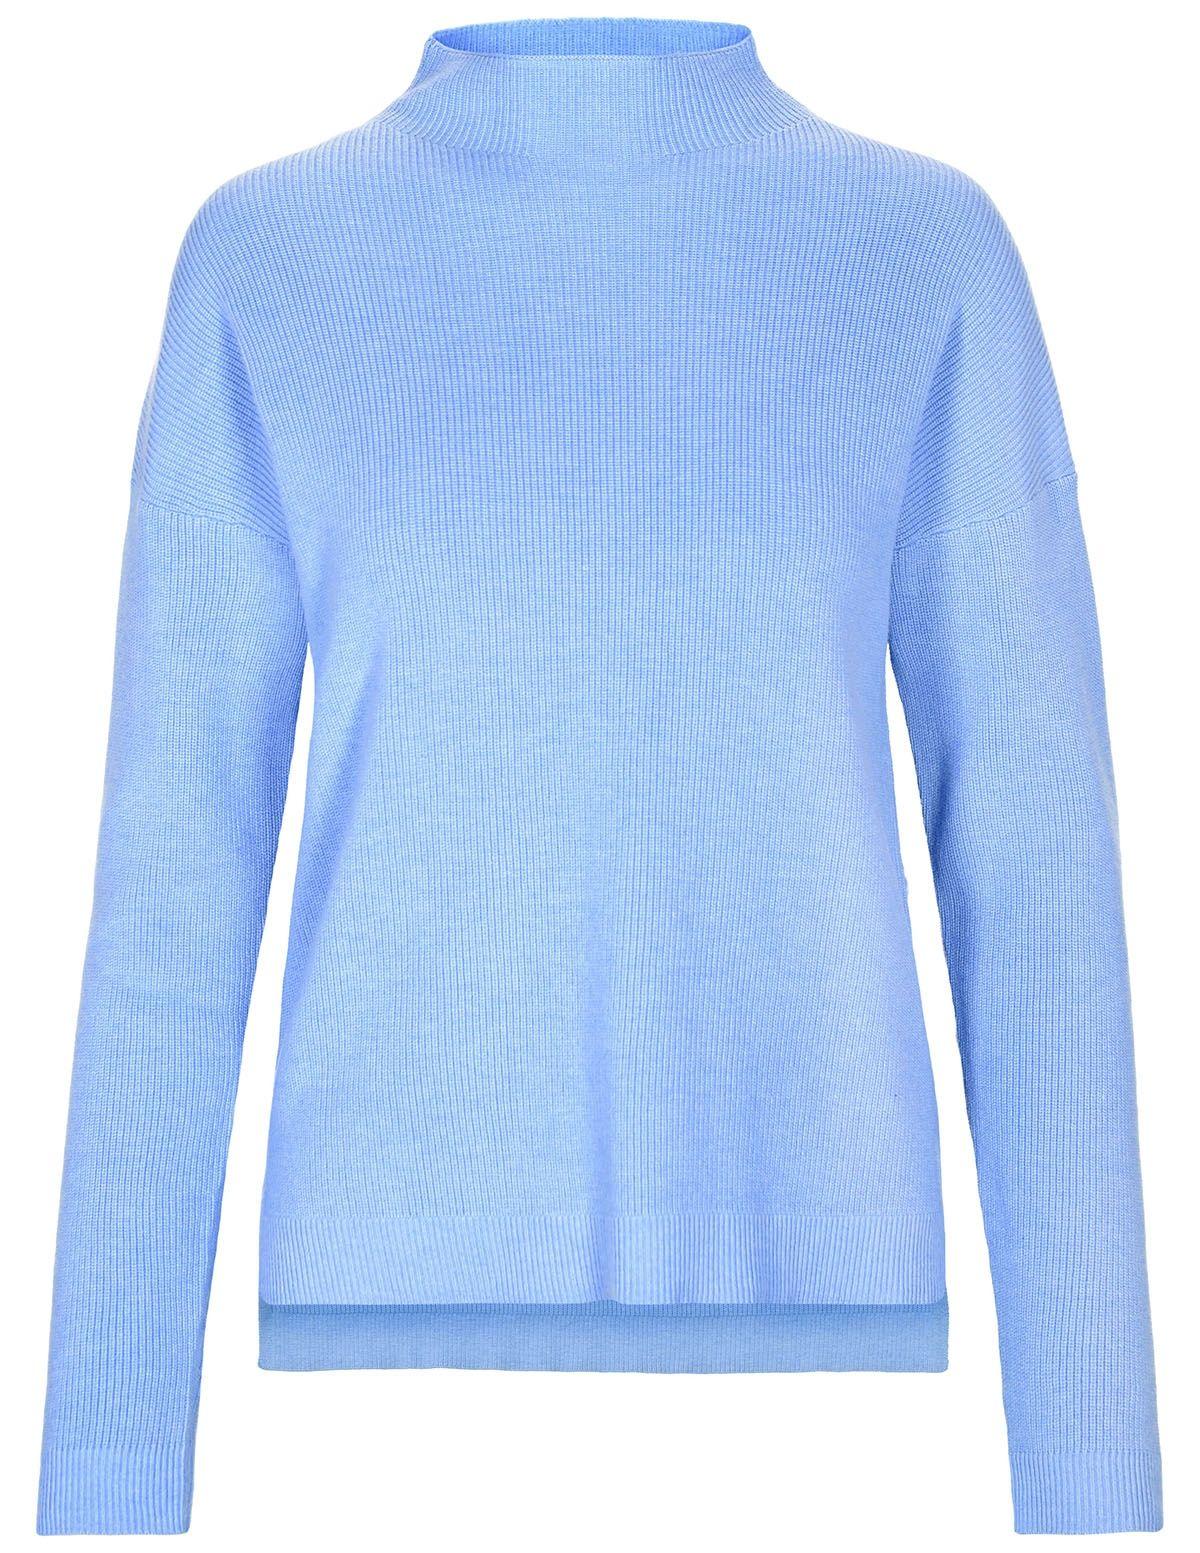 Turtleneck Pullover - Water Blue Melange